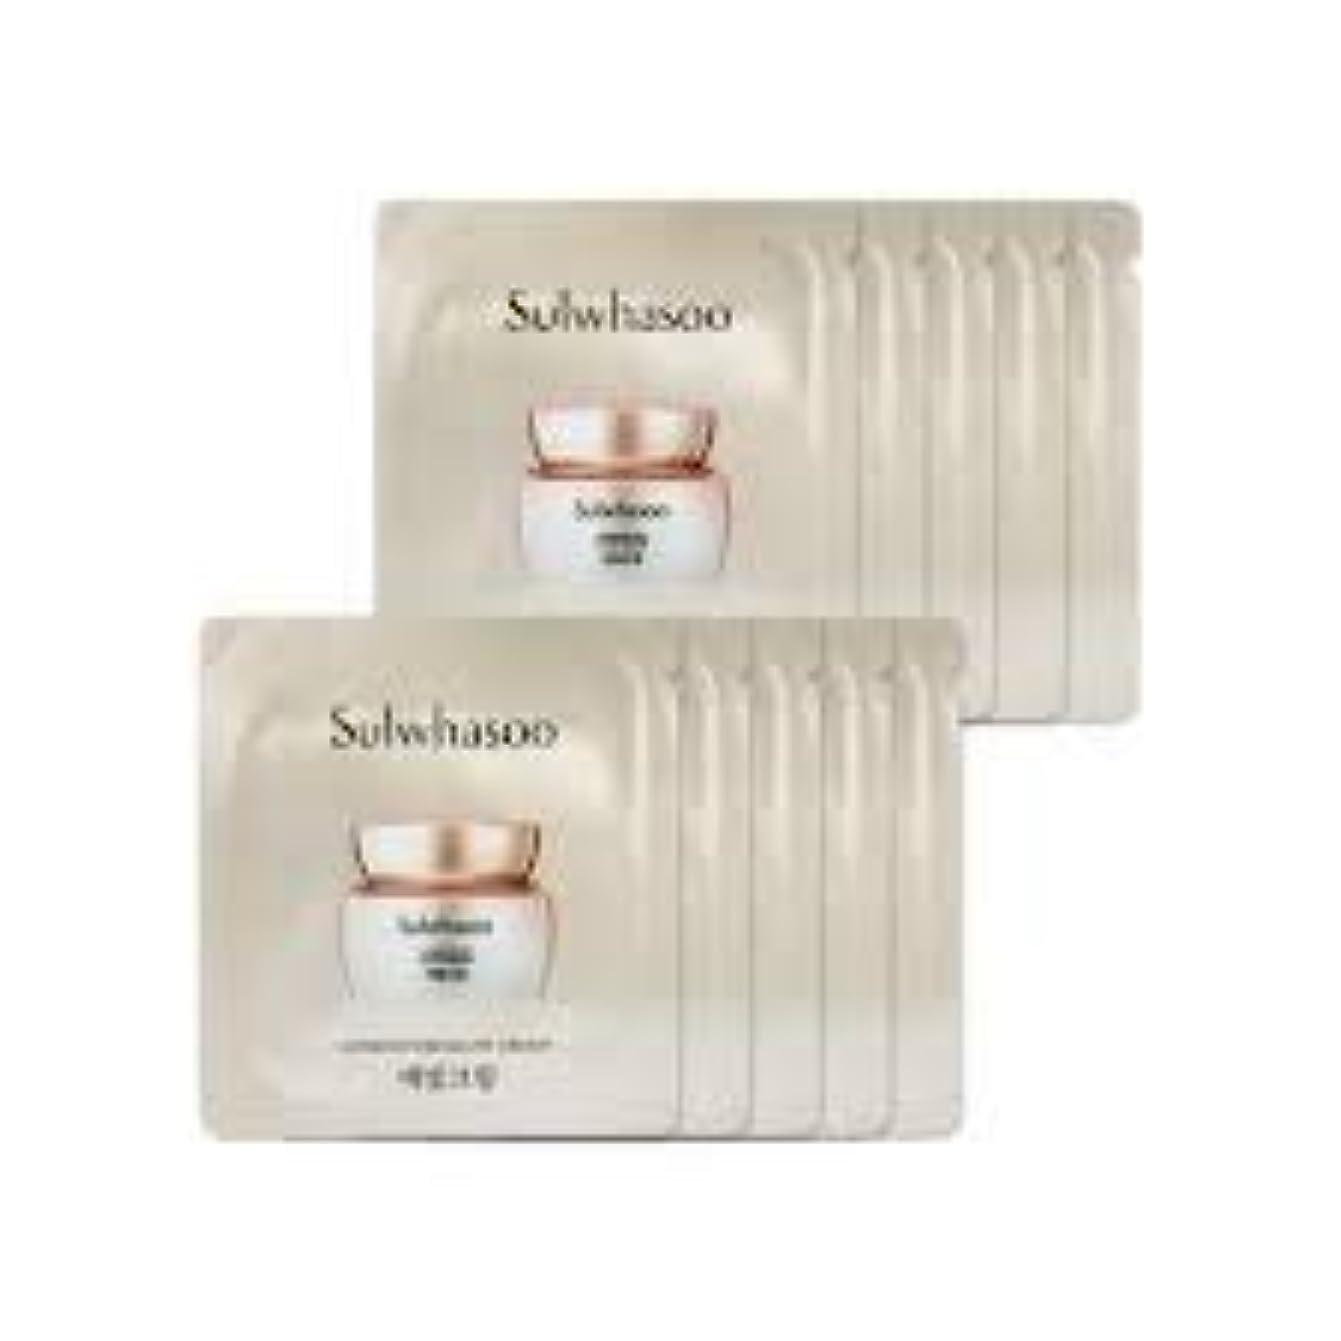 箱共感する激しい[ソルファス ] Sulwhasoo (雪花秀) ルミナチュアグロー Luminature Glow Cream 1ml x 30 (イェビトクリーム) [ShopMaster1]